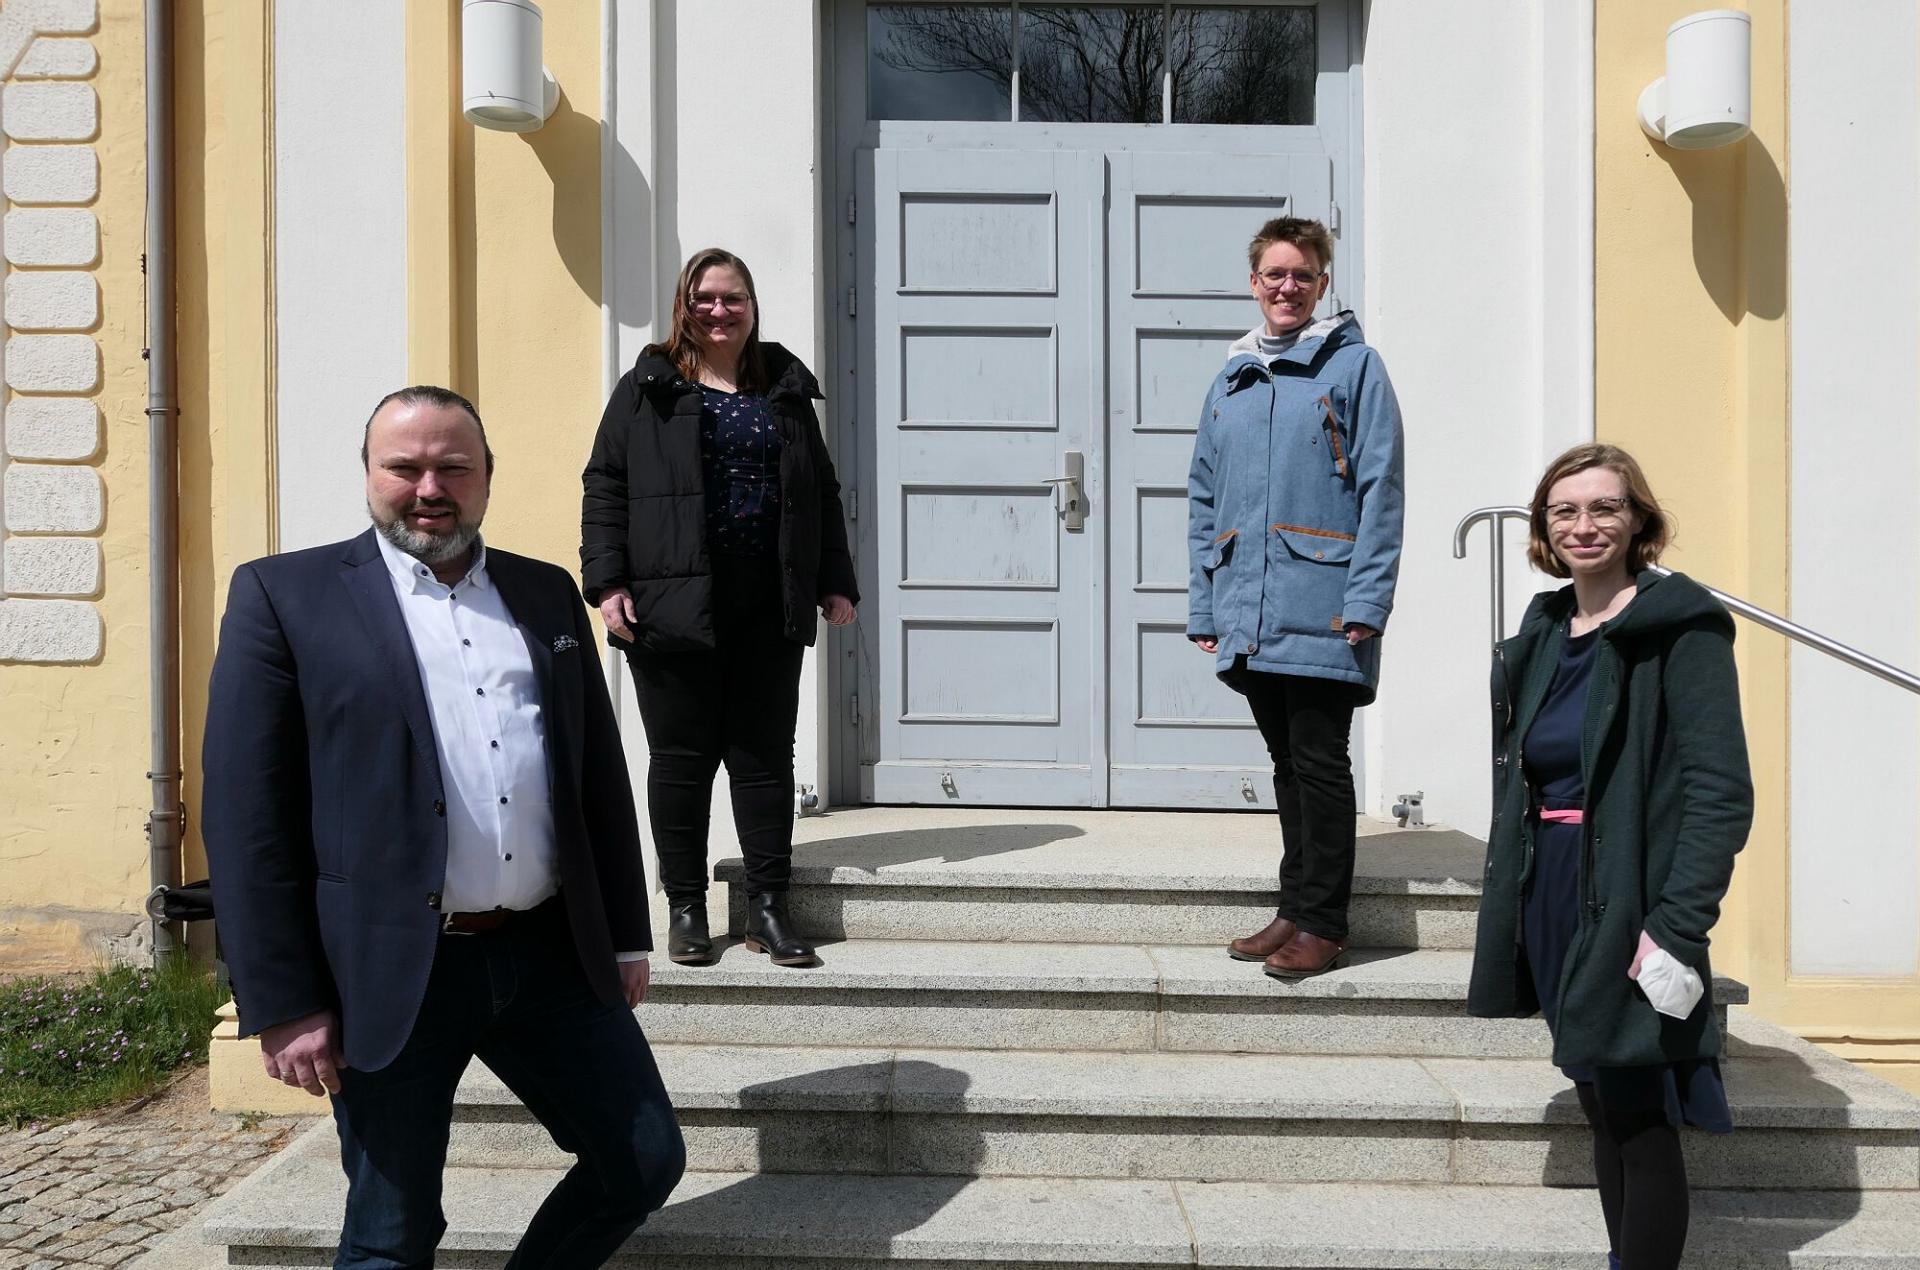 Kulturdezernent Stefan Wichary, Madline Riemer, Janina Schneider und Projektleiterin Marianne Wenzel (v.l.n.r.) vor dem Lübbener Schloss.